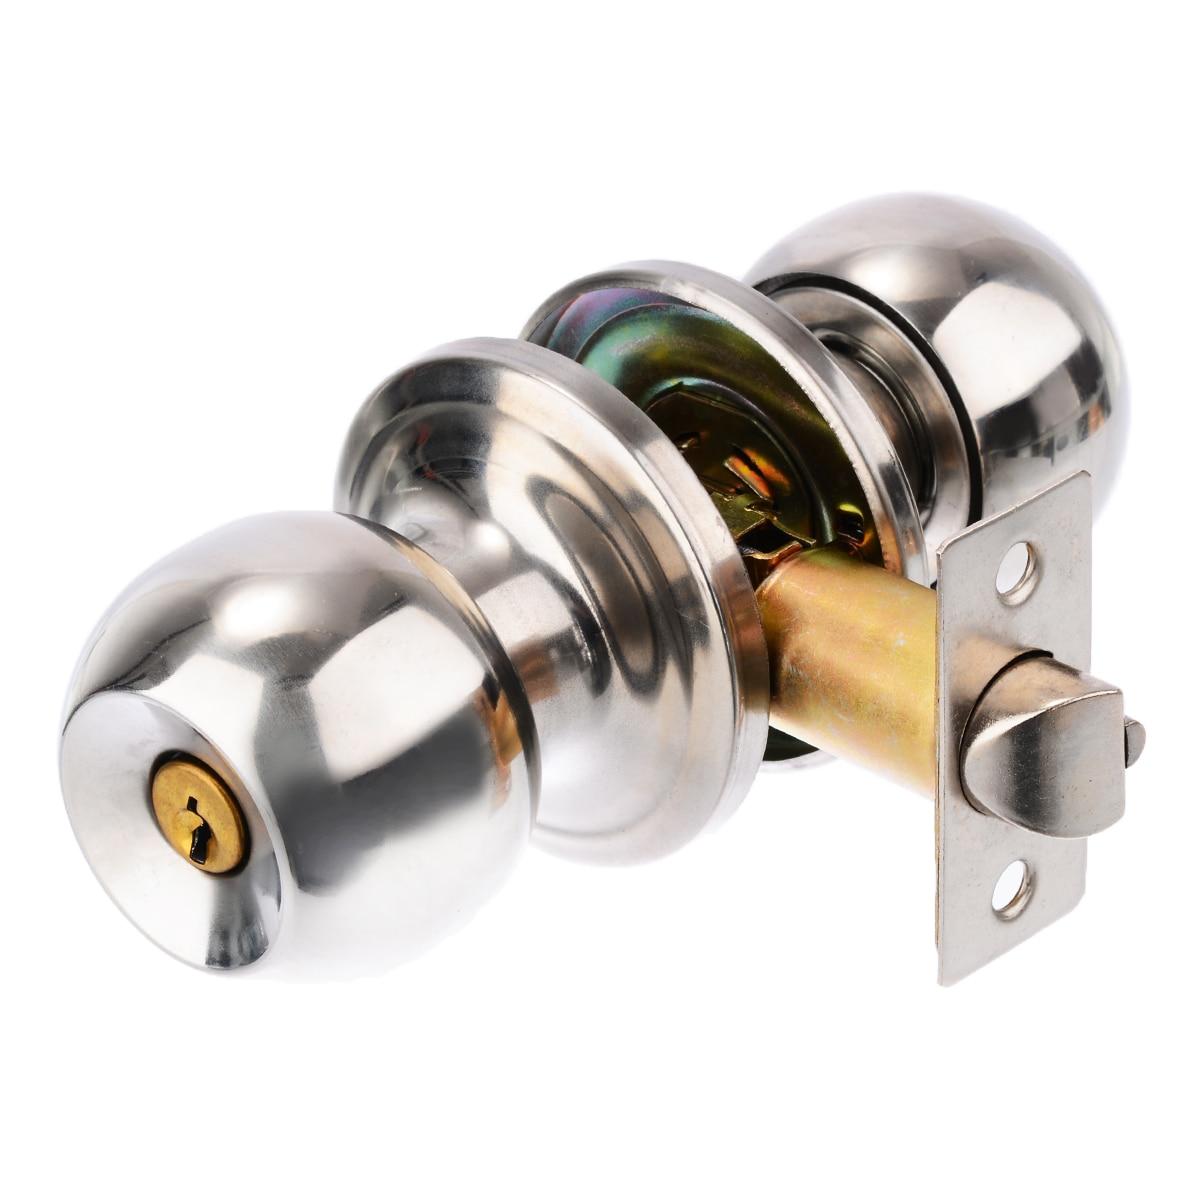 Mayitr круглые дверные ручки из нержавеющей стали с шариковыми ручками, набор защелок для прихожей, для дома, ванной, дверная фурнитура